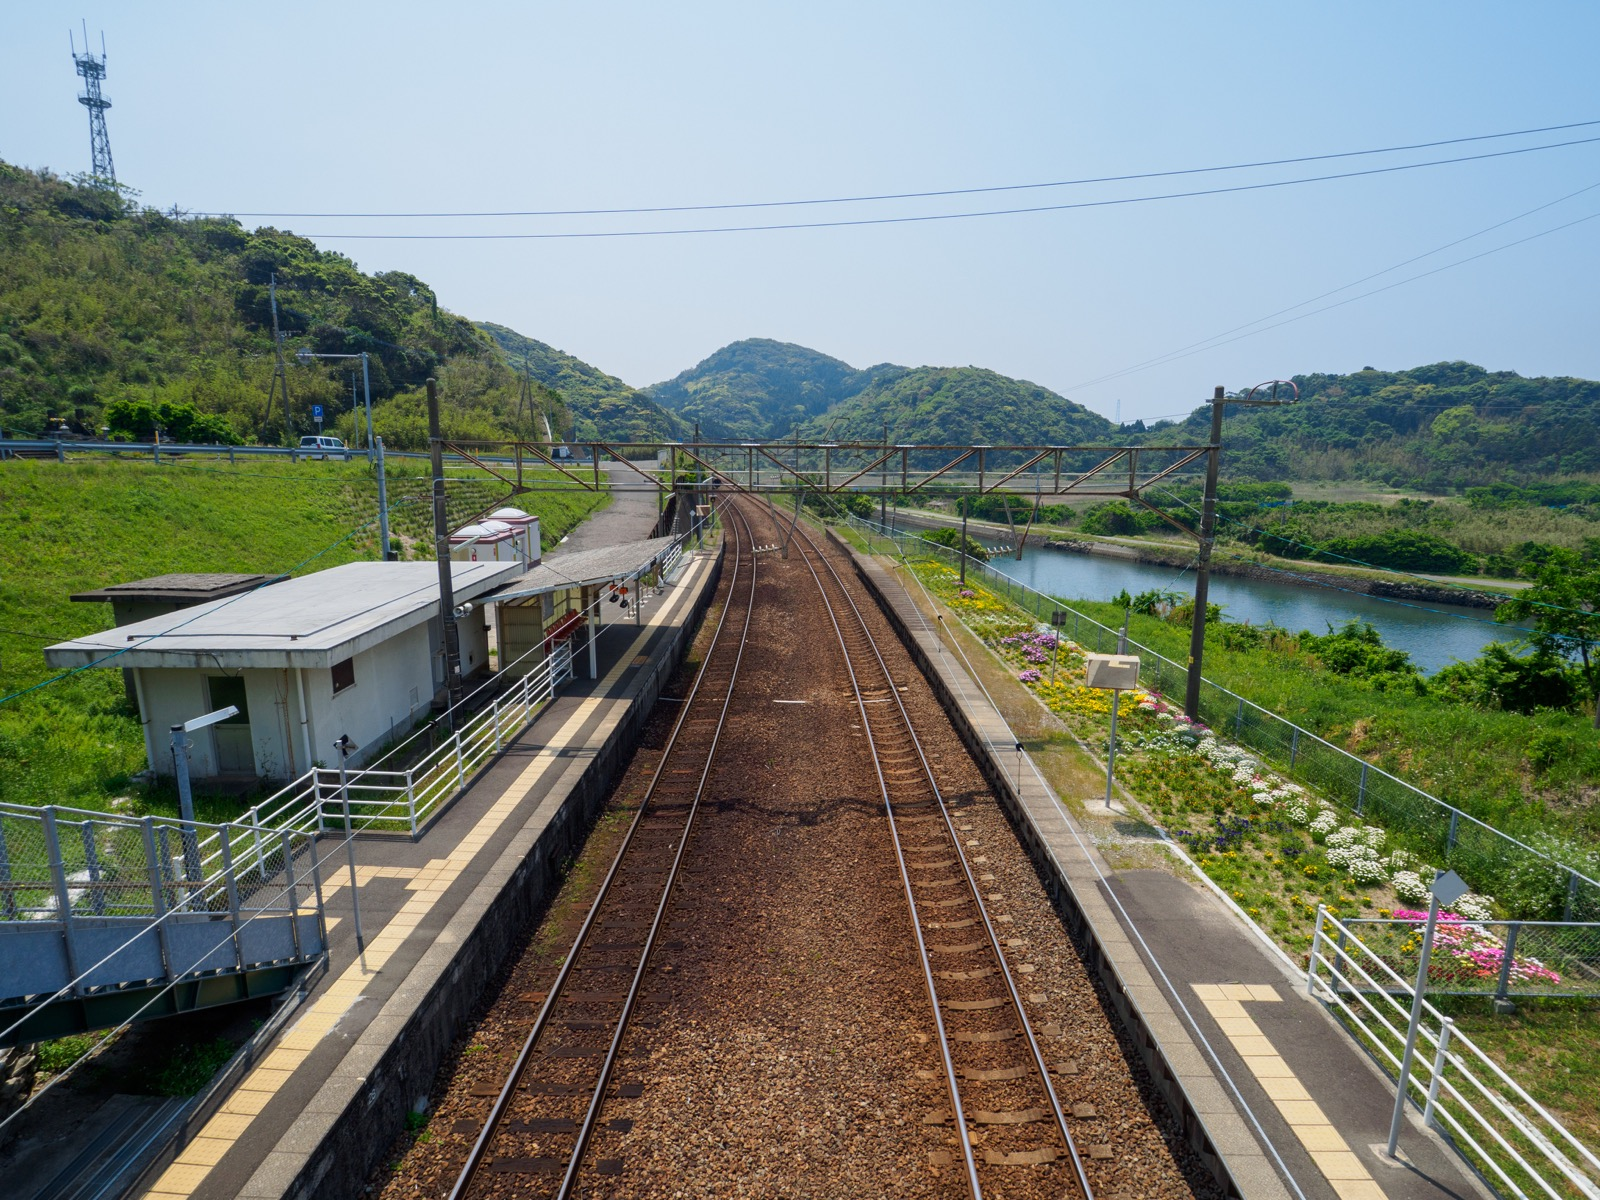 薩摩高城駅の跨線橋から見たホームと国道3号線